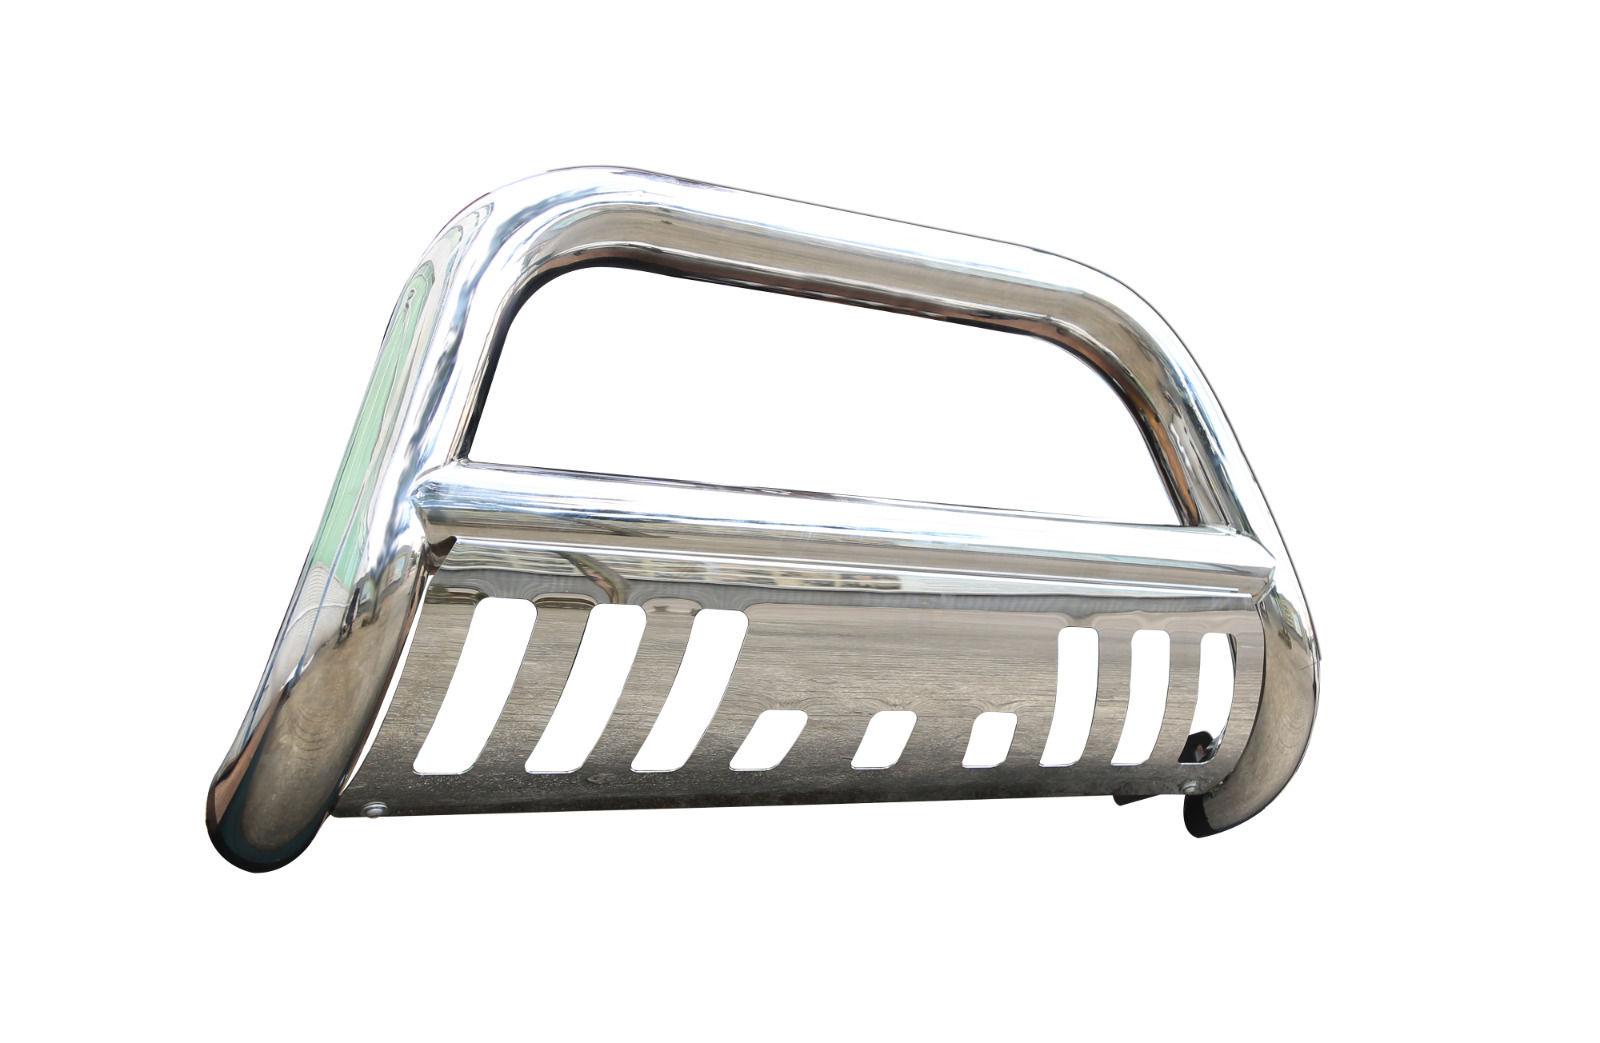 グリル 2009-2017 DODGE RAM 1500 SSブルバーグリルガードフロントバンパー/スキッドプレート For 2009-2017 DODGE RAM 1500 SS Bull Bar Grill Guard Front Bumper w/skid Plate